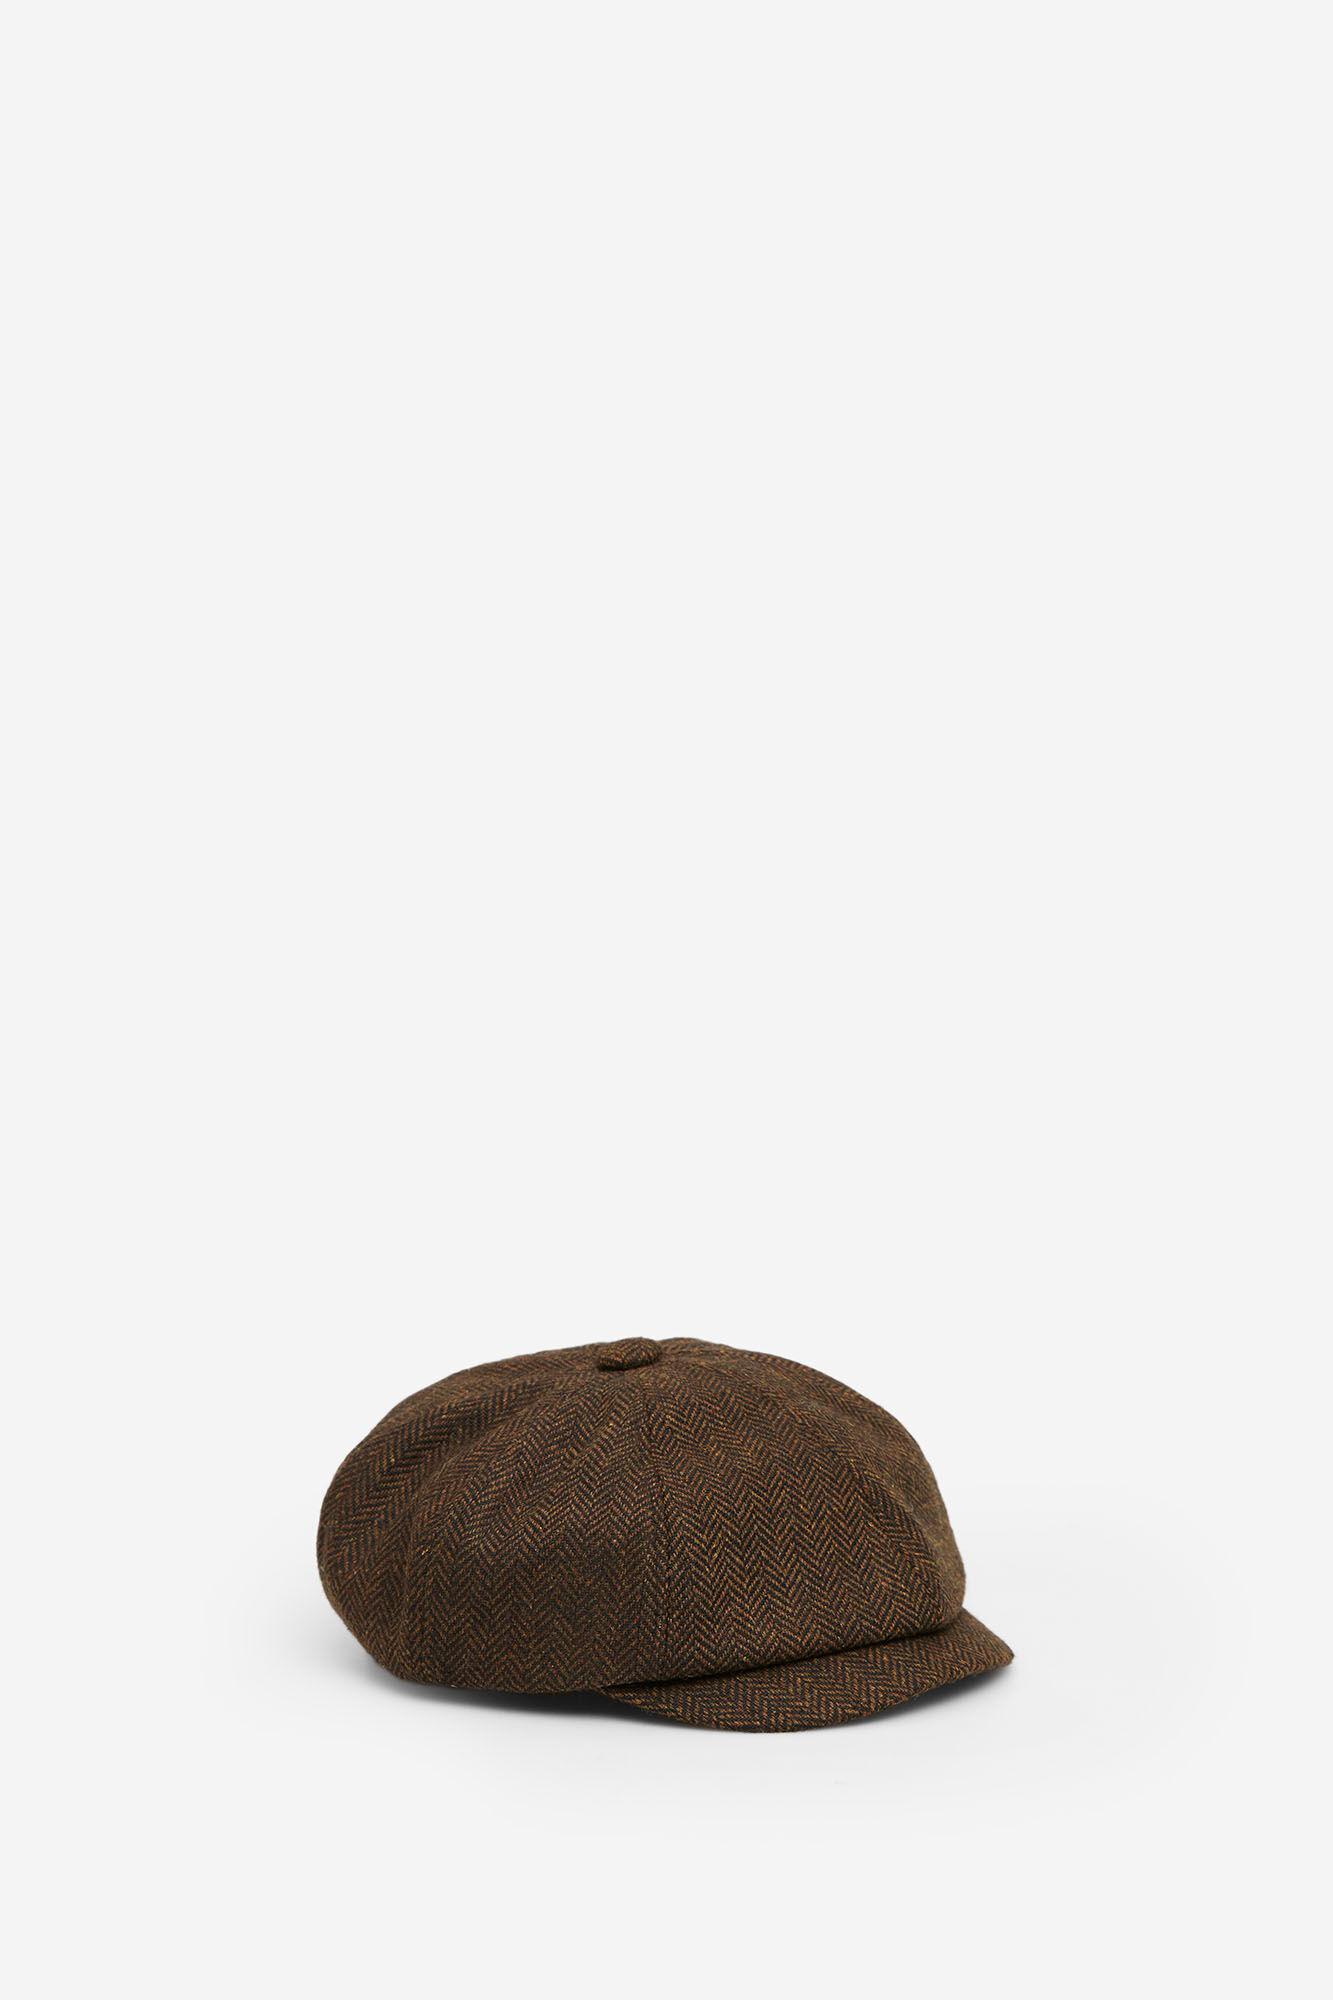 novísimo selección extremadamente único Moda Gorra de lana de espiga marrón | Complementos | Springfield